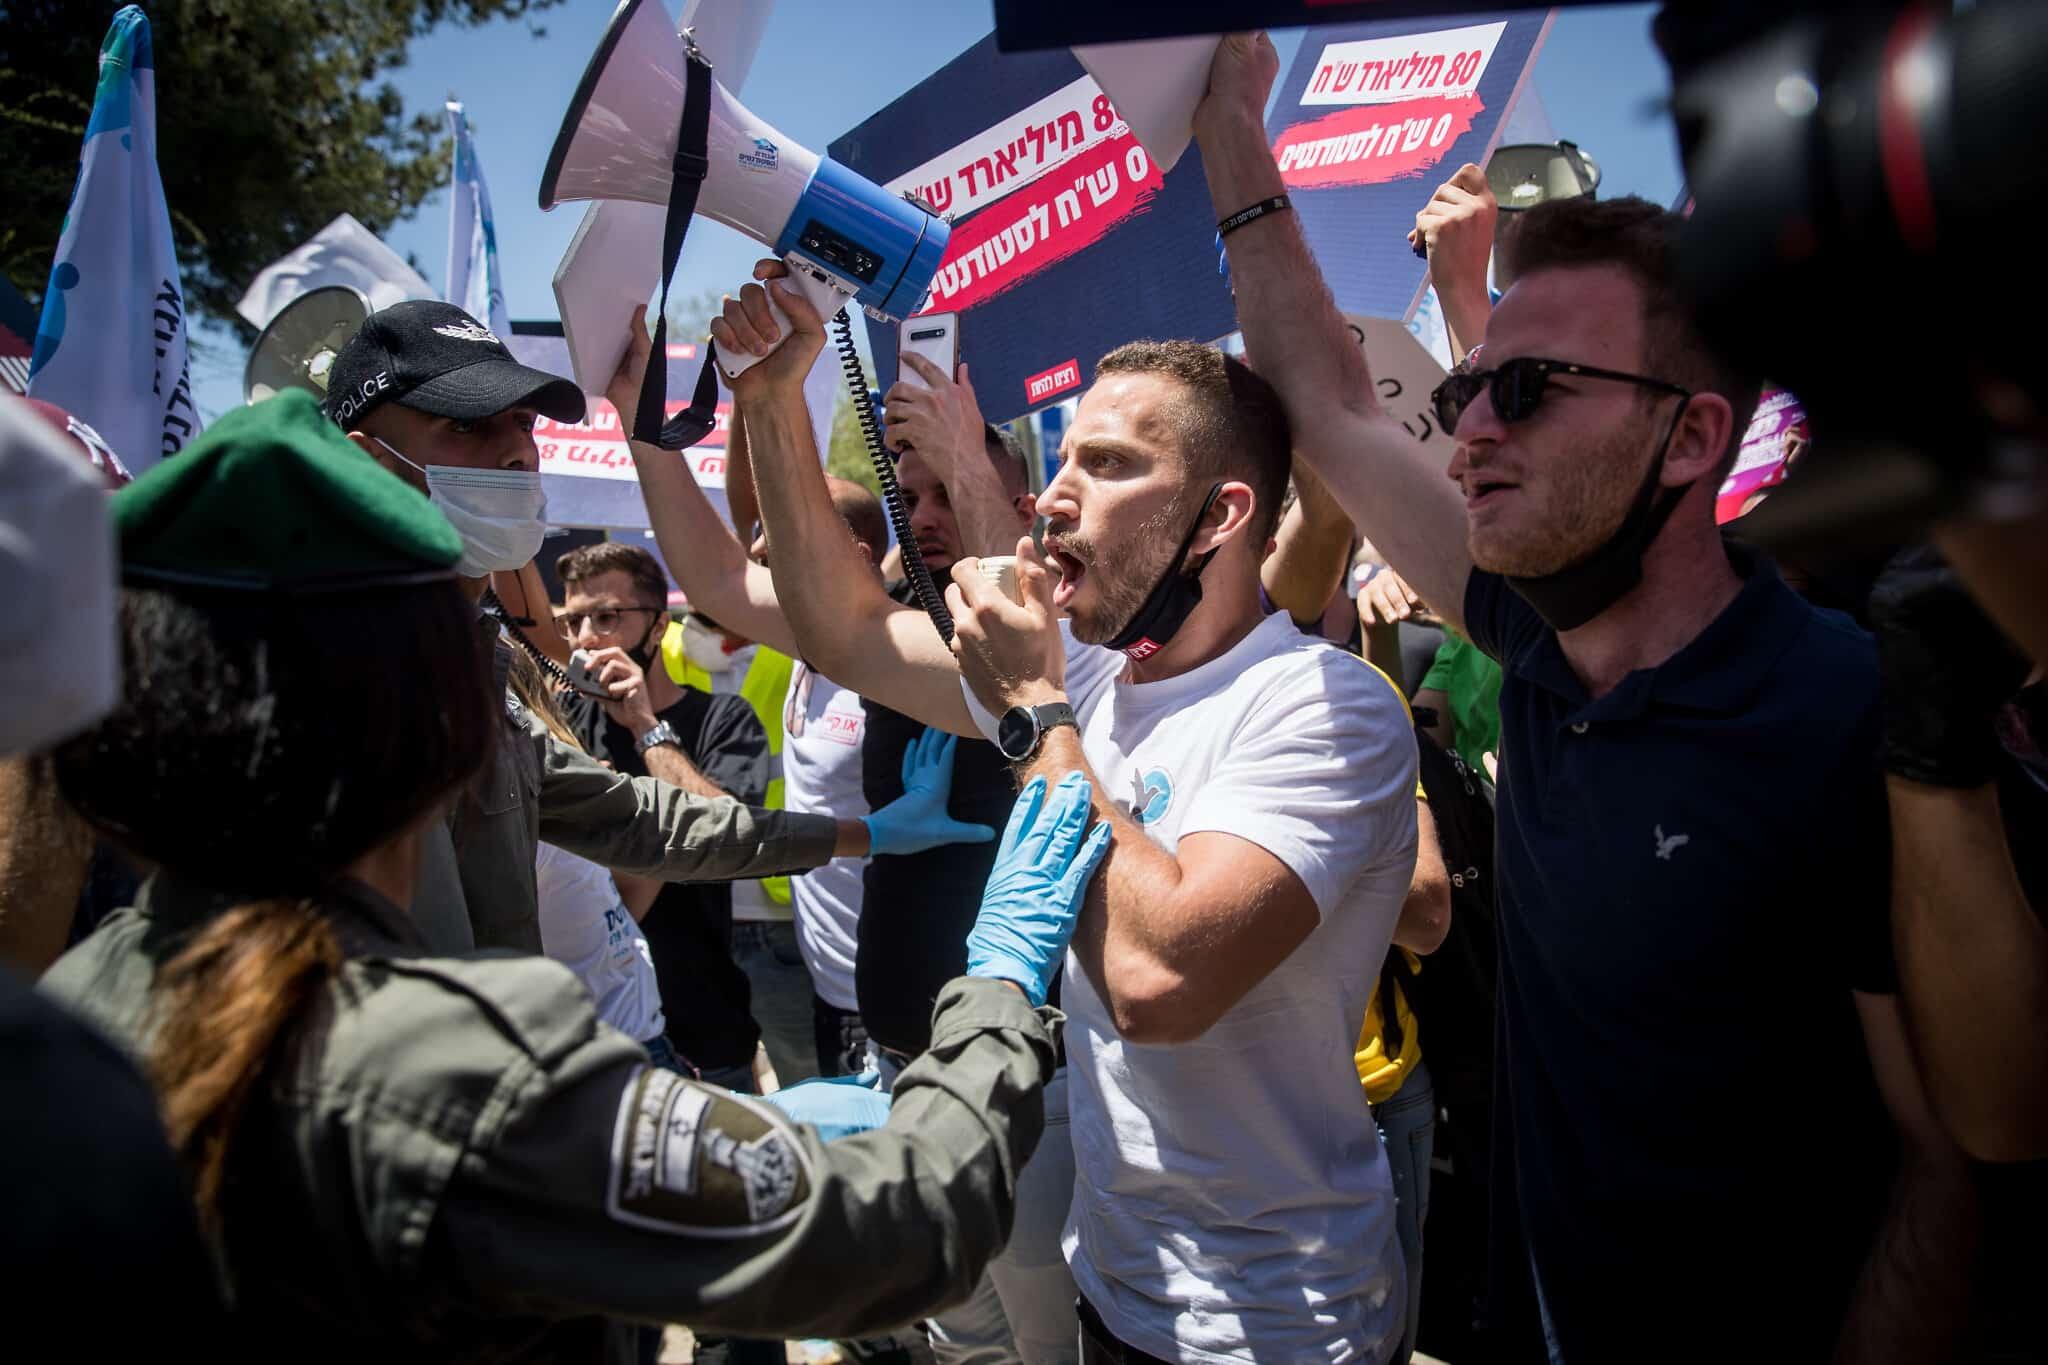 אילוסטרציה, מחאת סטודנטים נפגעי משבר הקורונה בירושלים (צילום: Yonatan Sindel/Flash90)